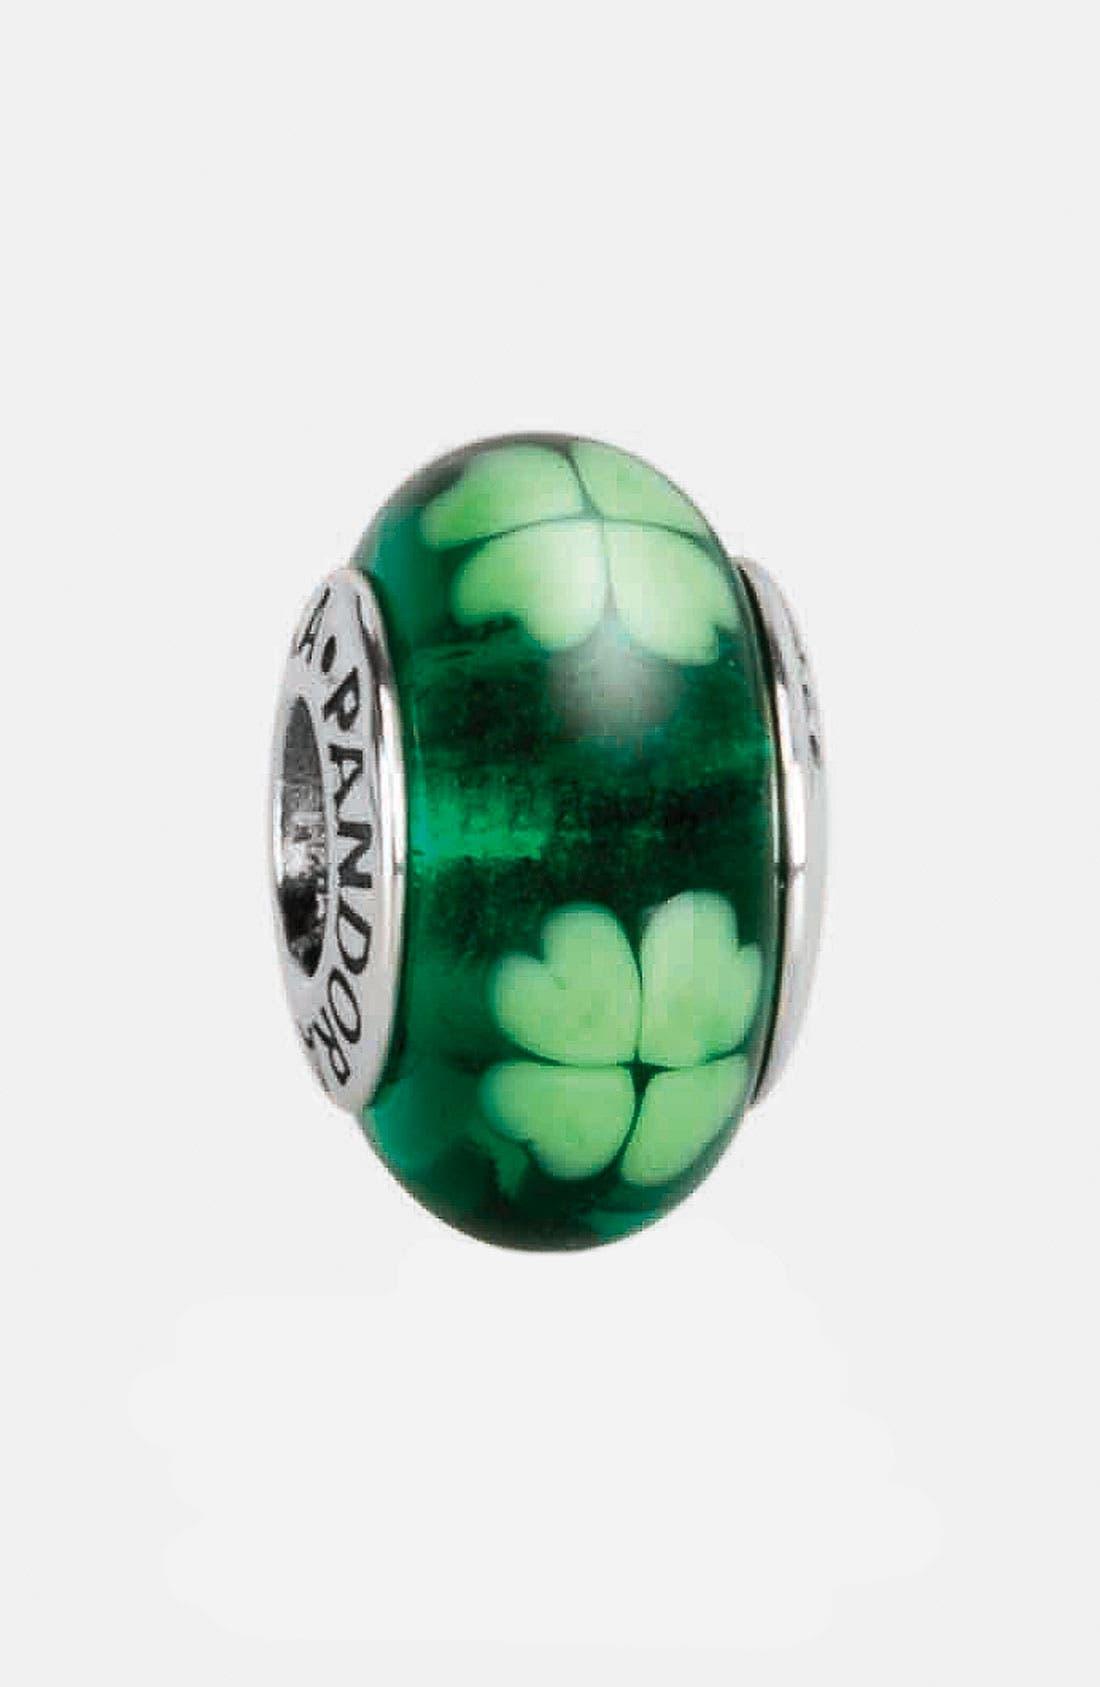 Alternate Image 1 Selected - PANDORA 'Irish' Murano Glass Charm